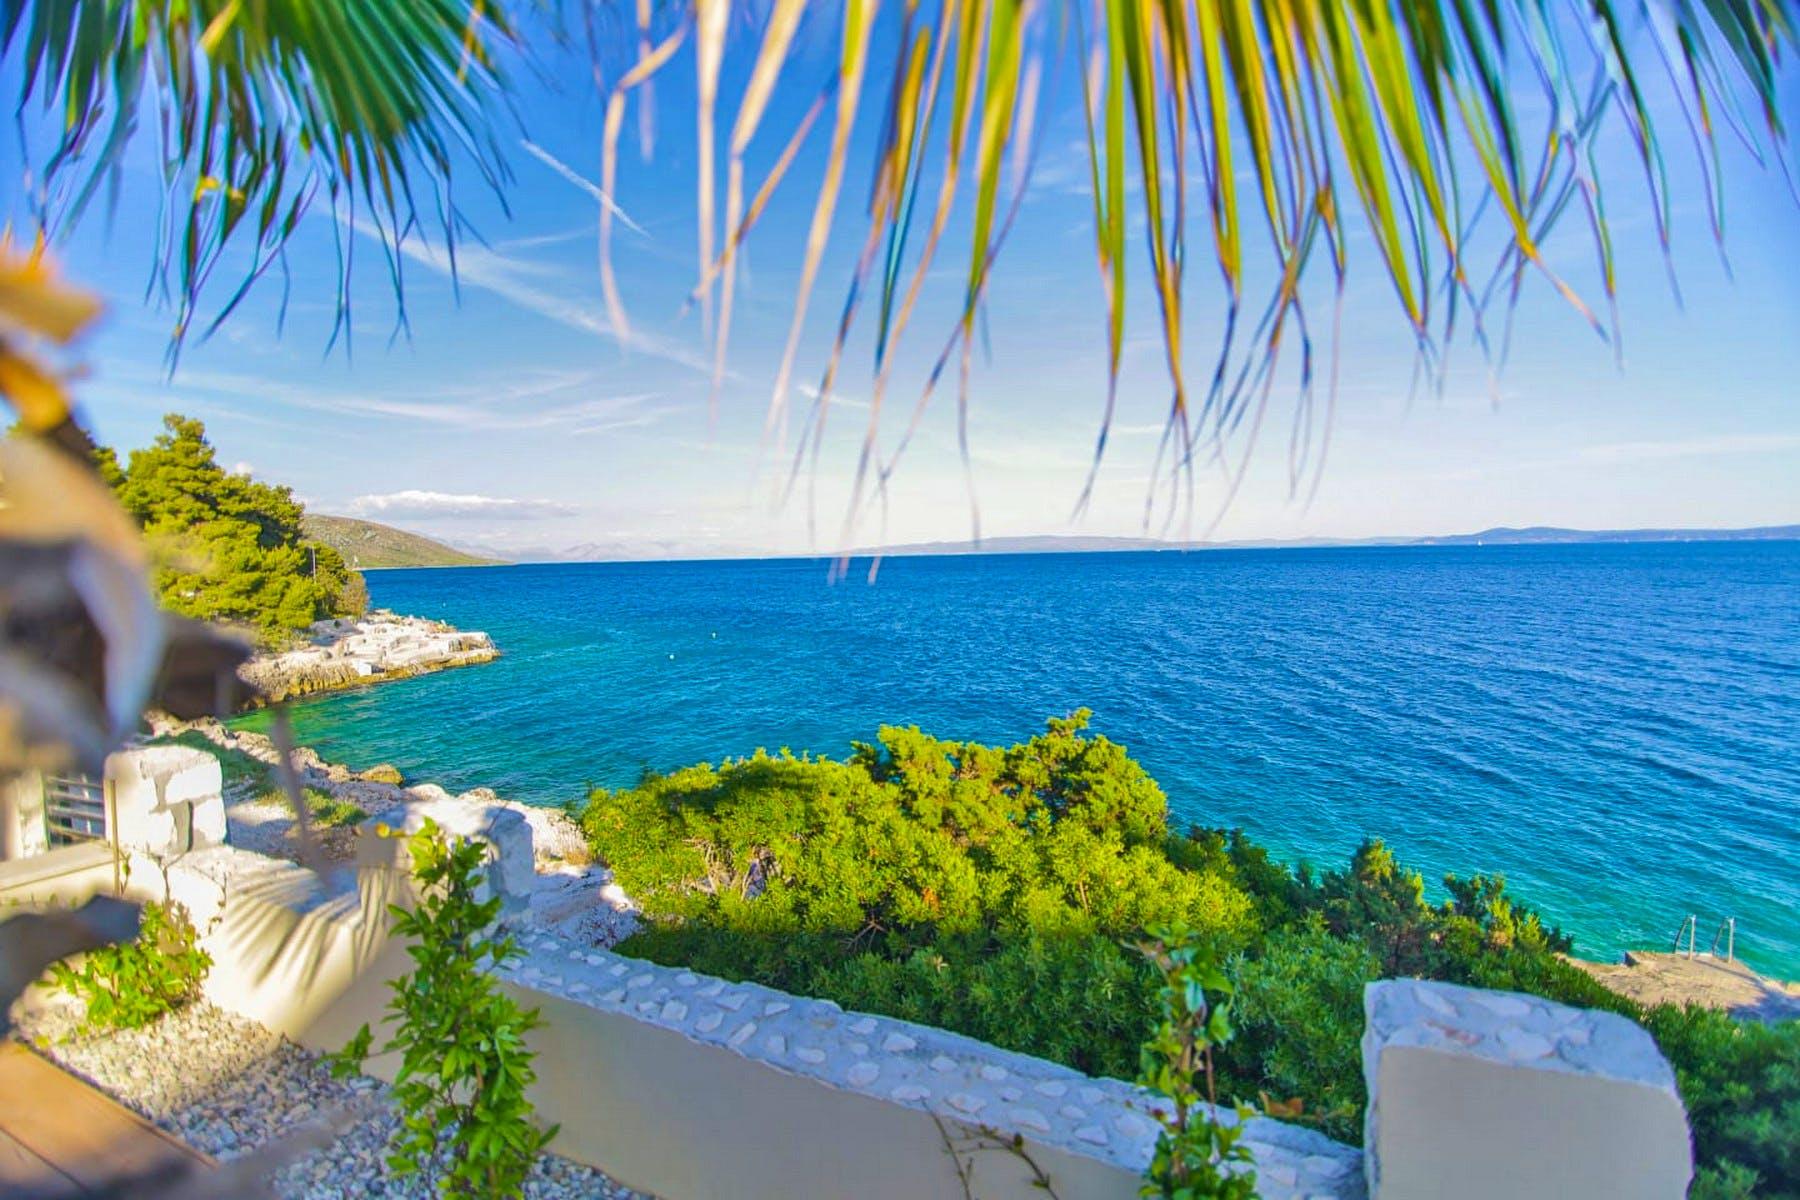 Scenic sea view from the villa